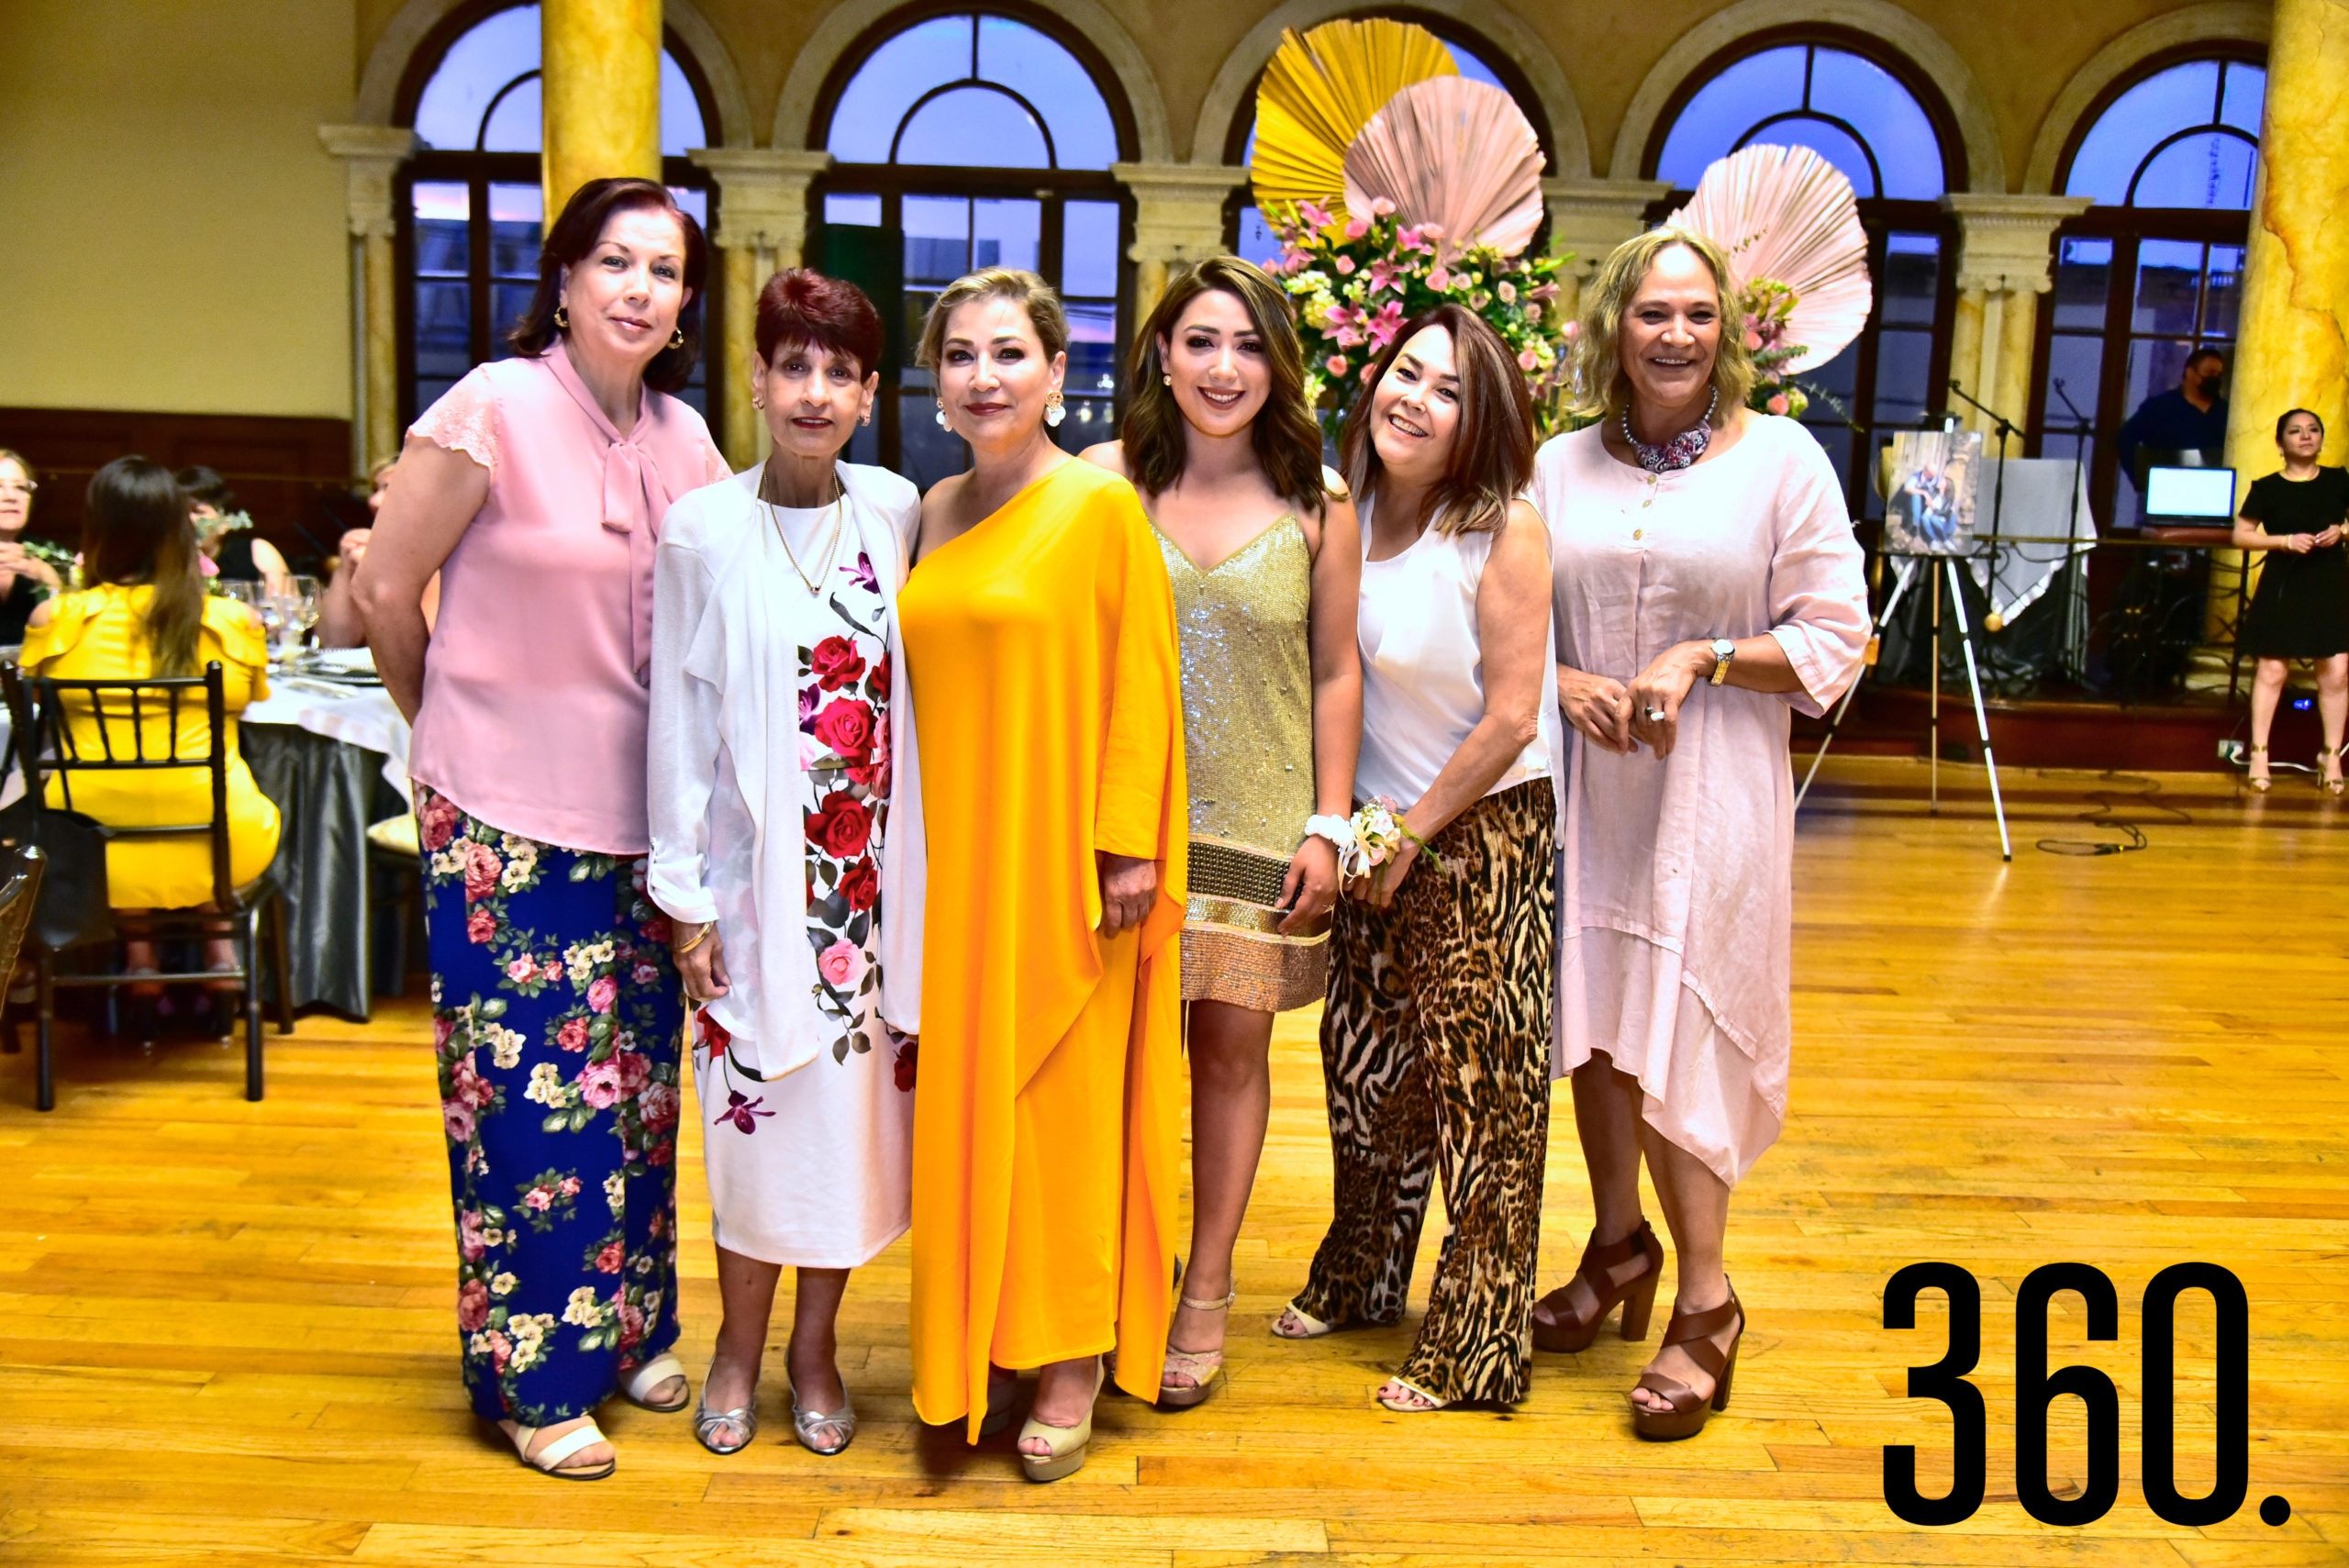 Marielena Cepeda, Rosalinda Cepeda, Patricia Tamez Leal, Diana Mendoza, Irma Dávila y Sonia Bleidt.